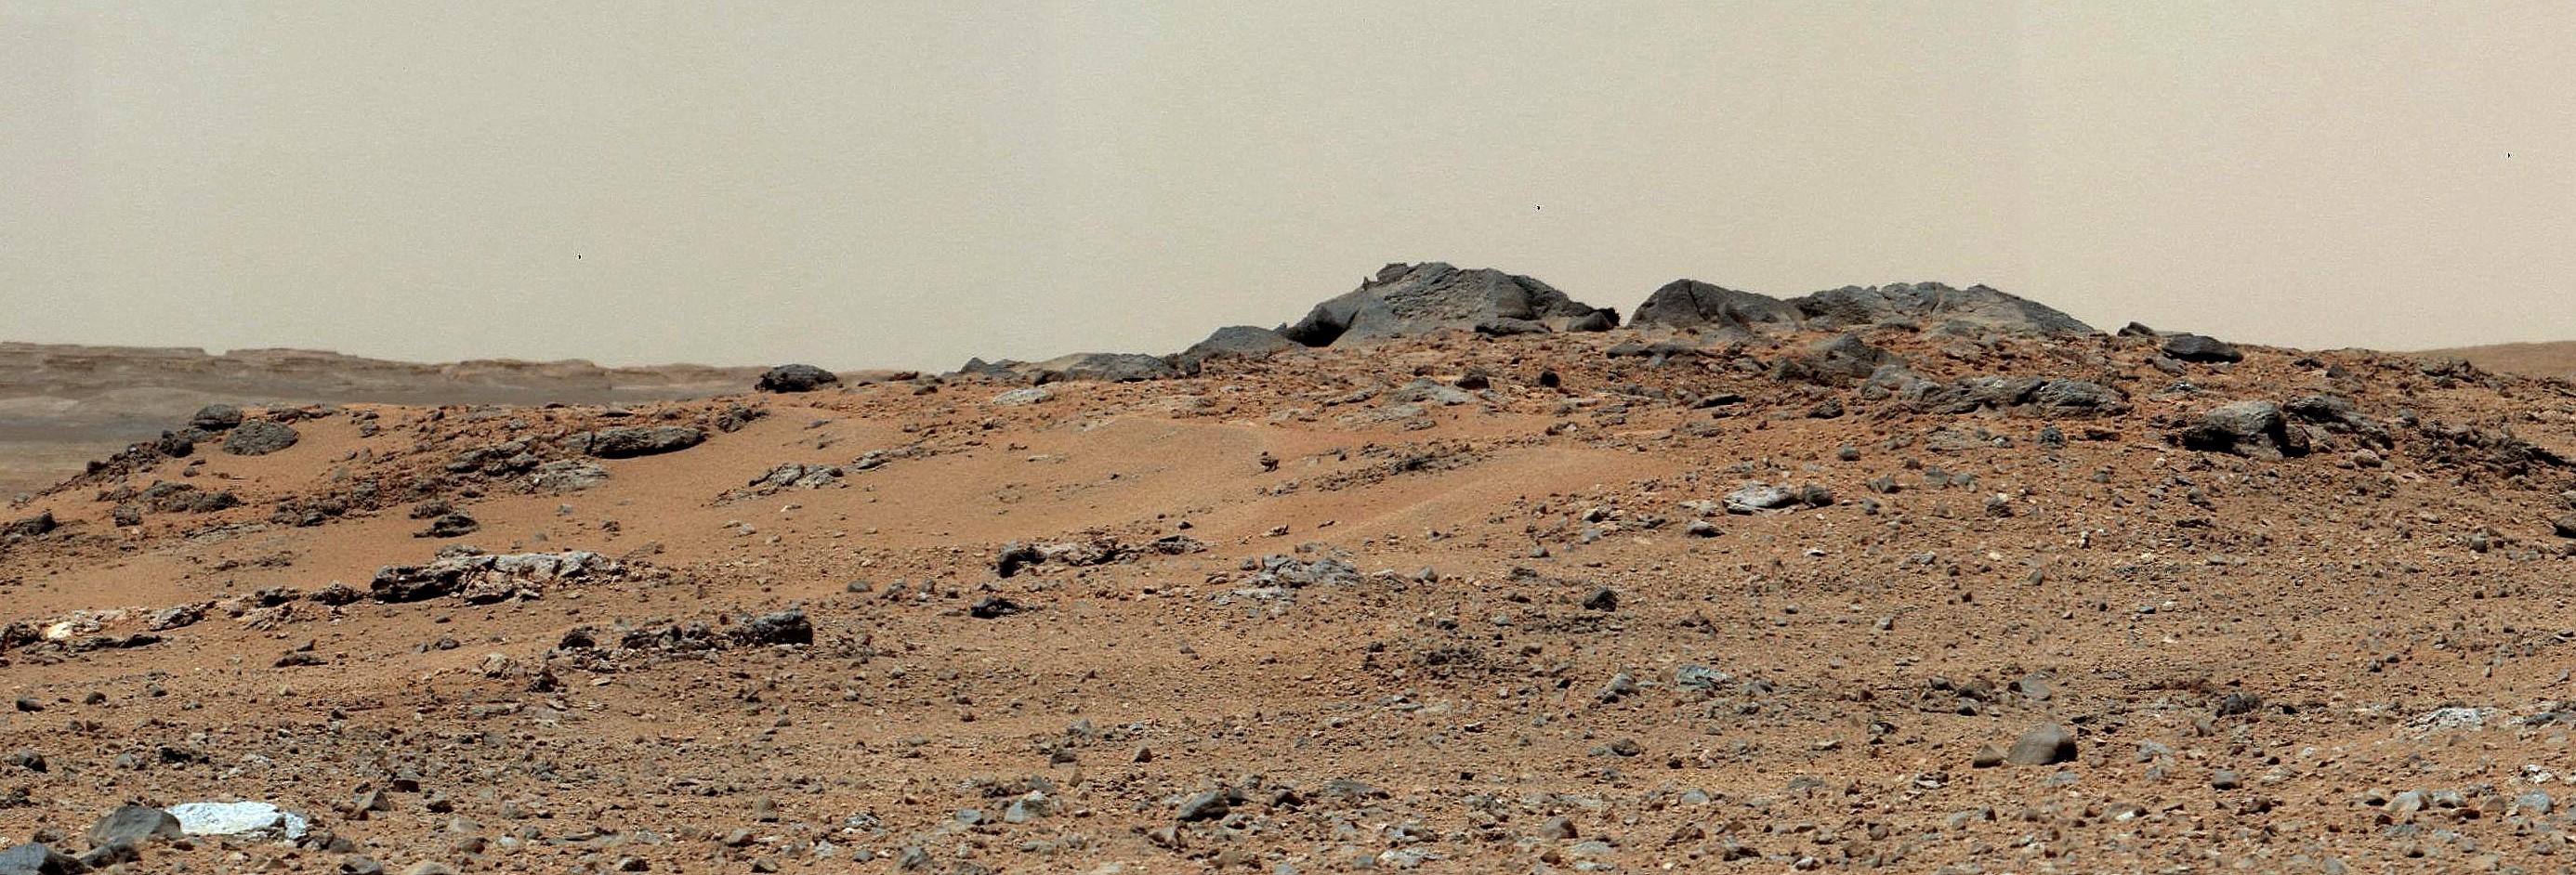 Curiosity depuis un an sur Mars | APM - Association ...